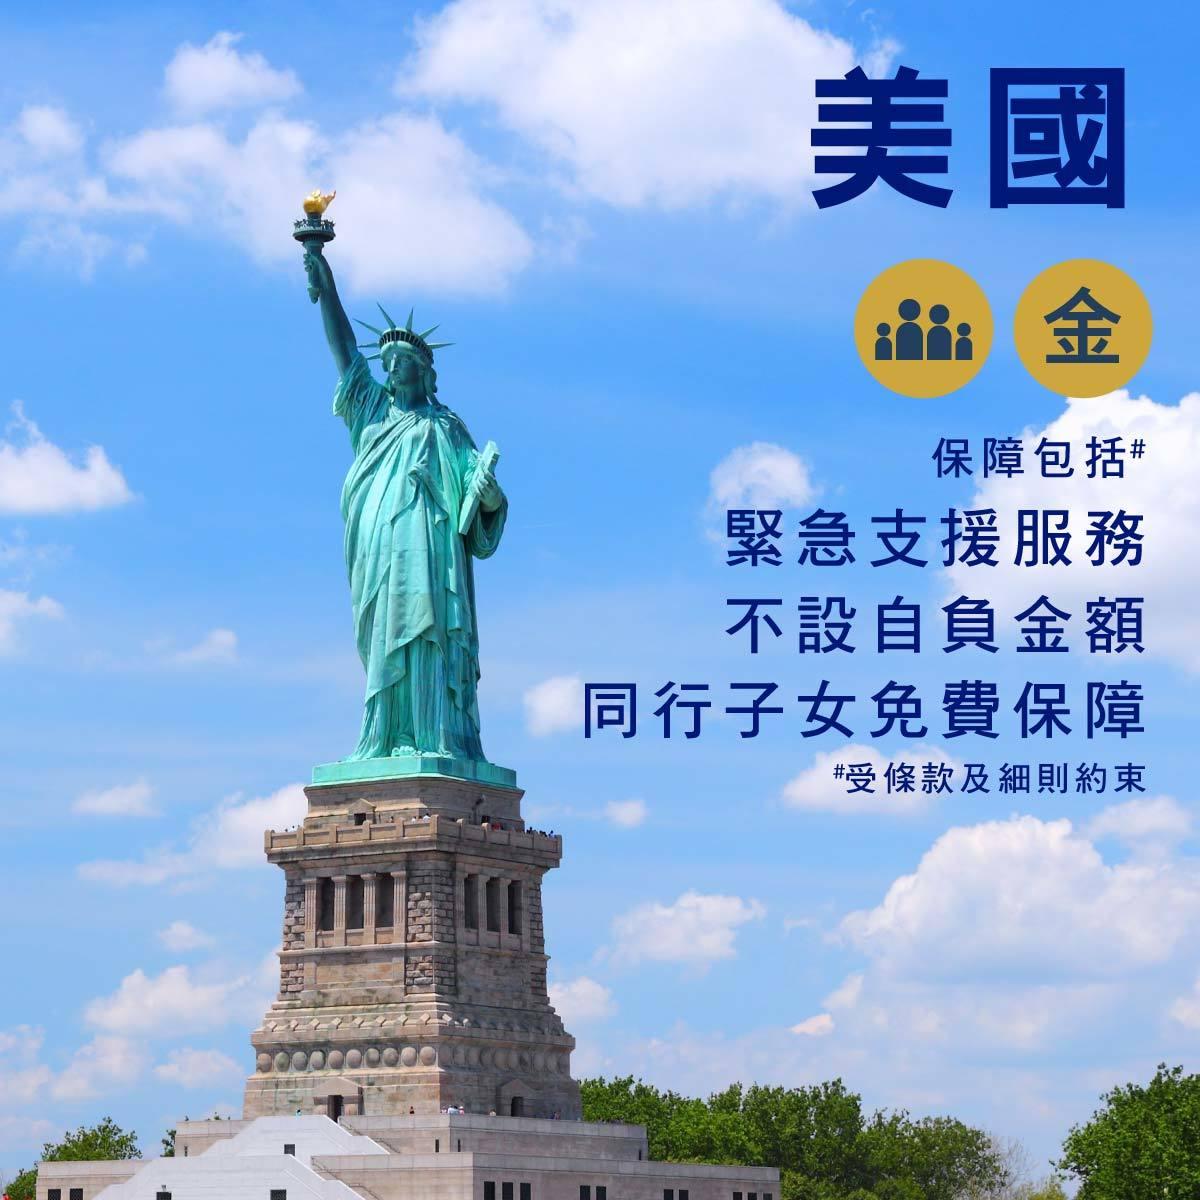 美國 - 單次家庭旅遊保險